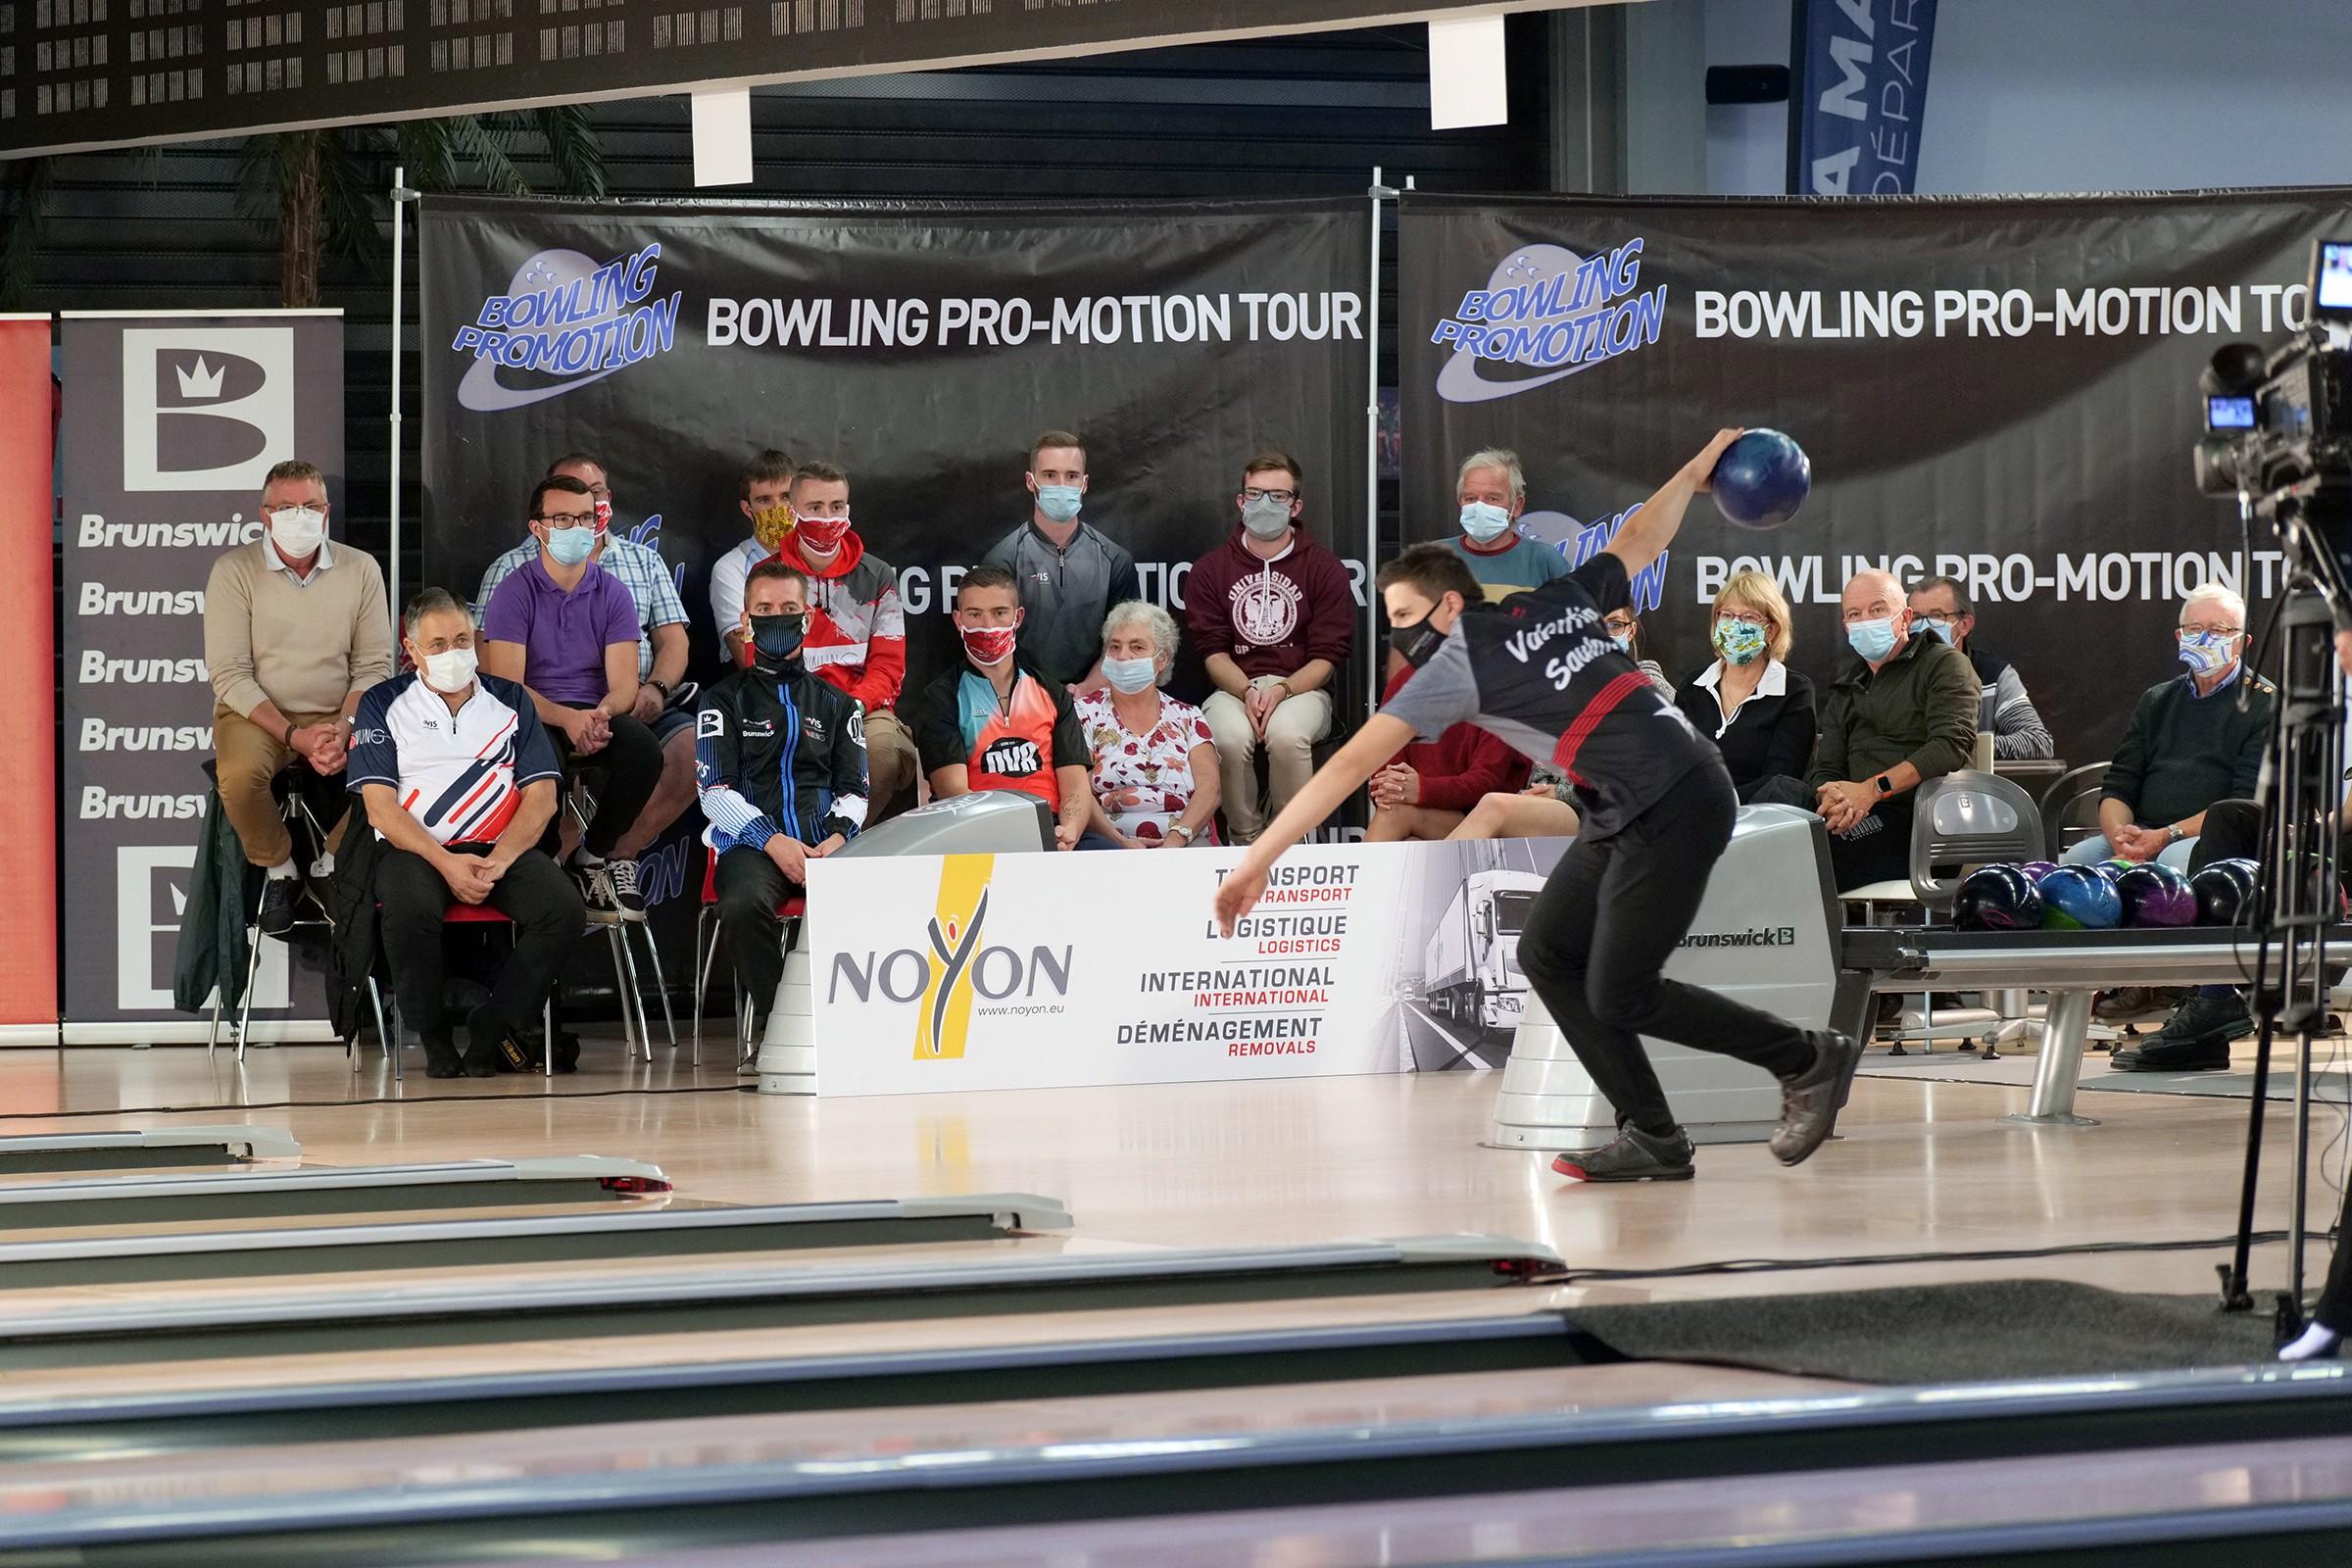 Bowling promotion tour 2020 saint lo photos ruel alain 9